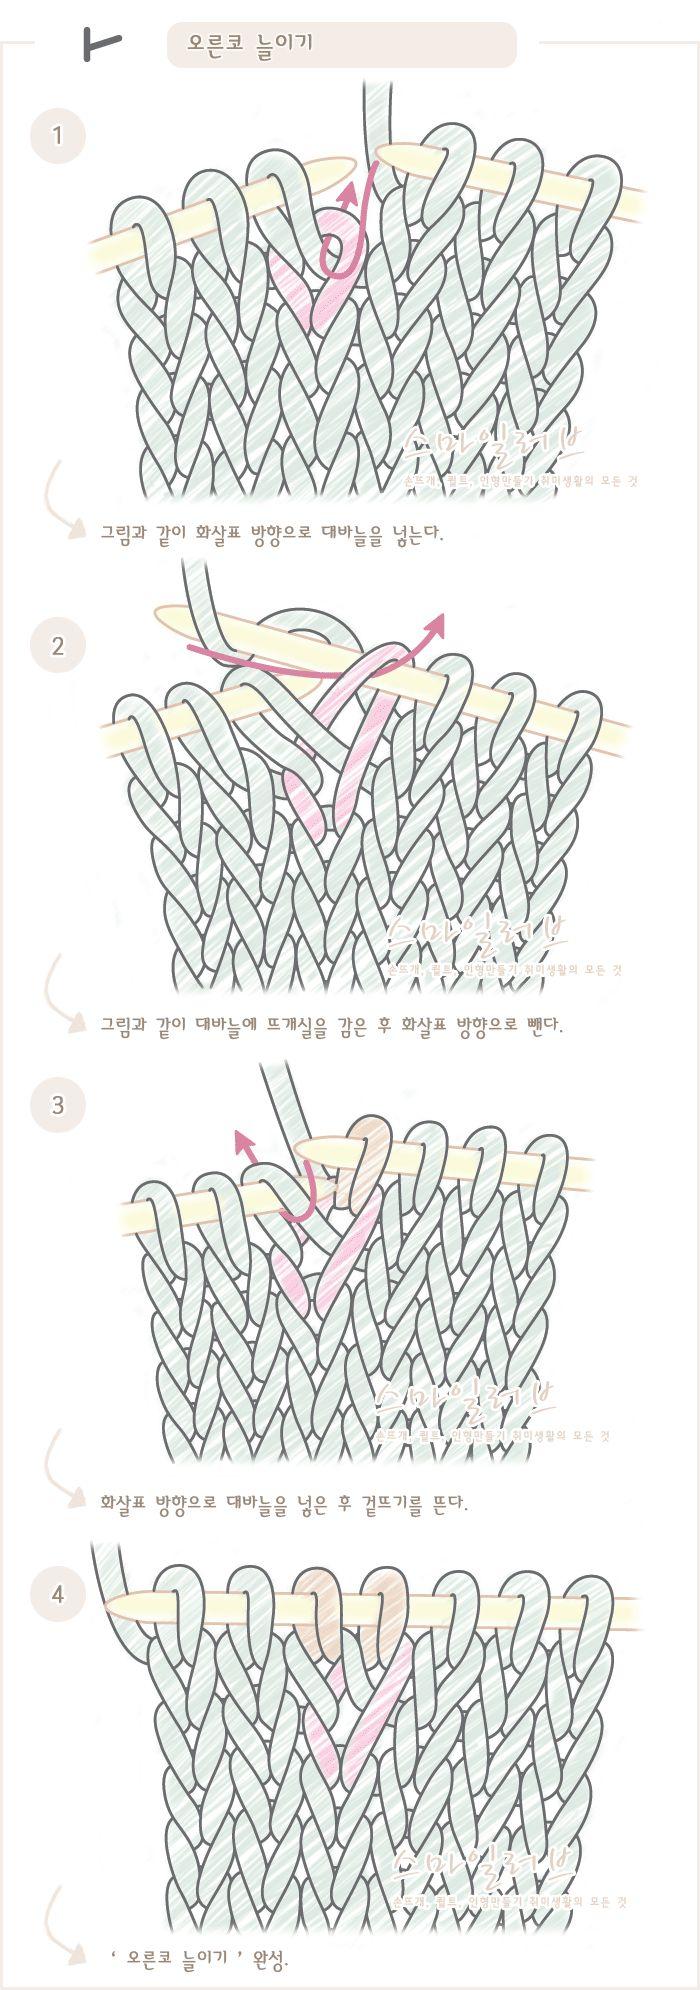 푸미스토리 손뜨개 뜨개실 털실 핸드메이드샵 - 대바늘 강좌 [[오른코 늘이기]대바늘 도안기호와 뜨는 방법. 손뜨개(뜨개질)강좌]